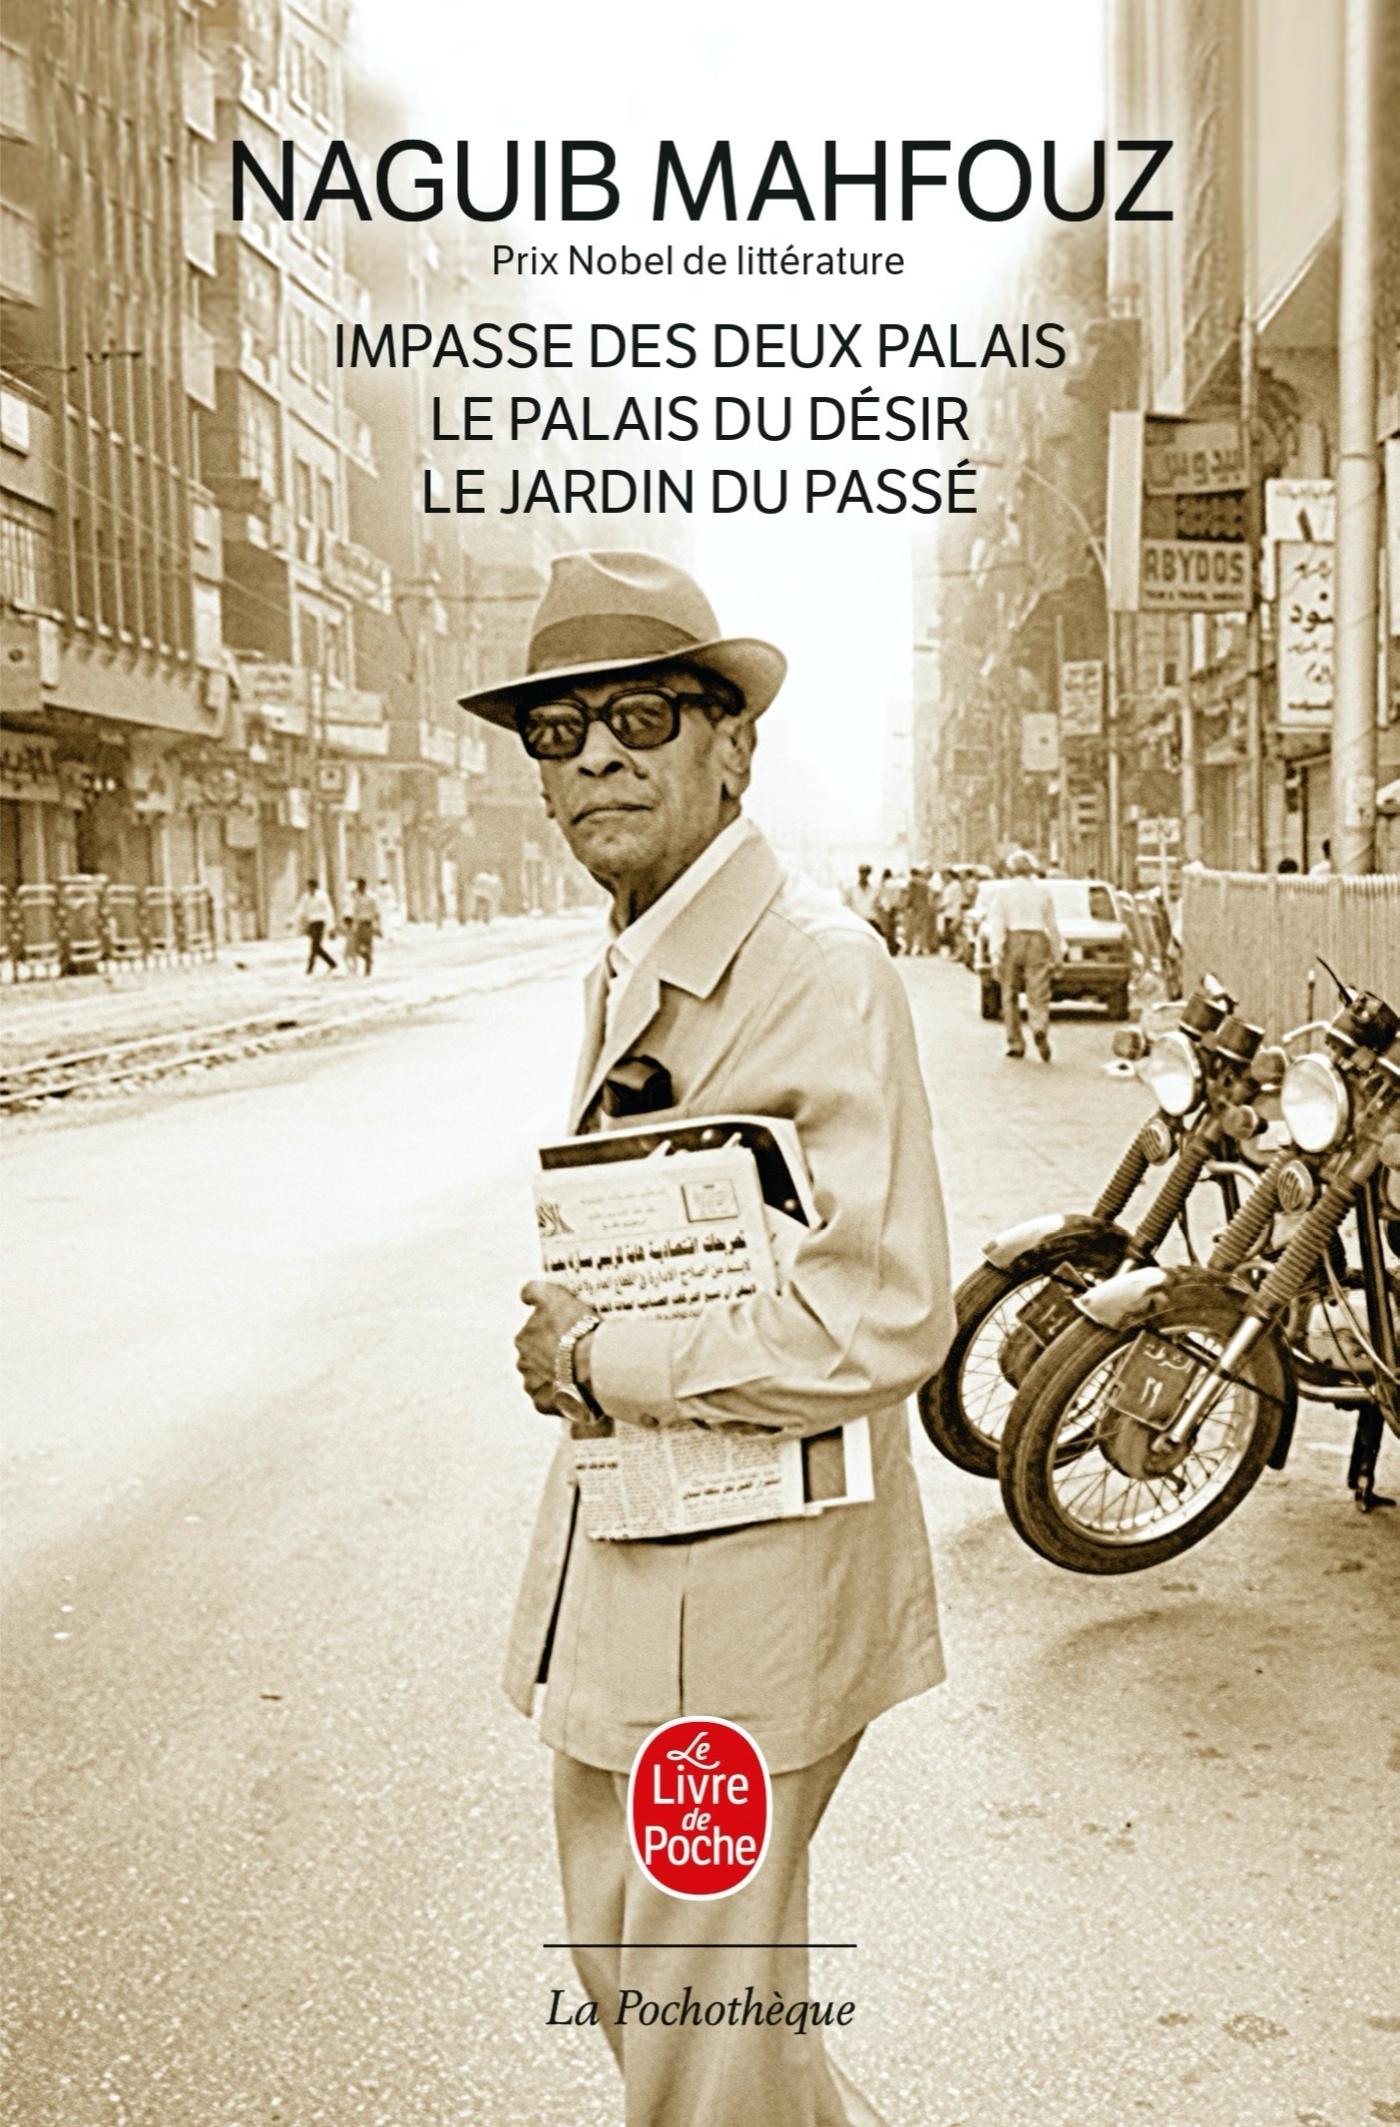 TRILOGIE - IMPASSE DES DEUX PALAIS - LE JARDIN DU PASSE - LE PALAIS DU DESIR